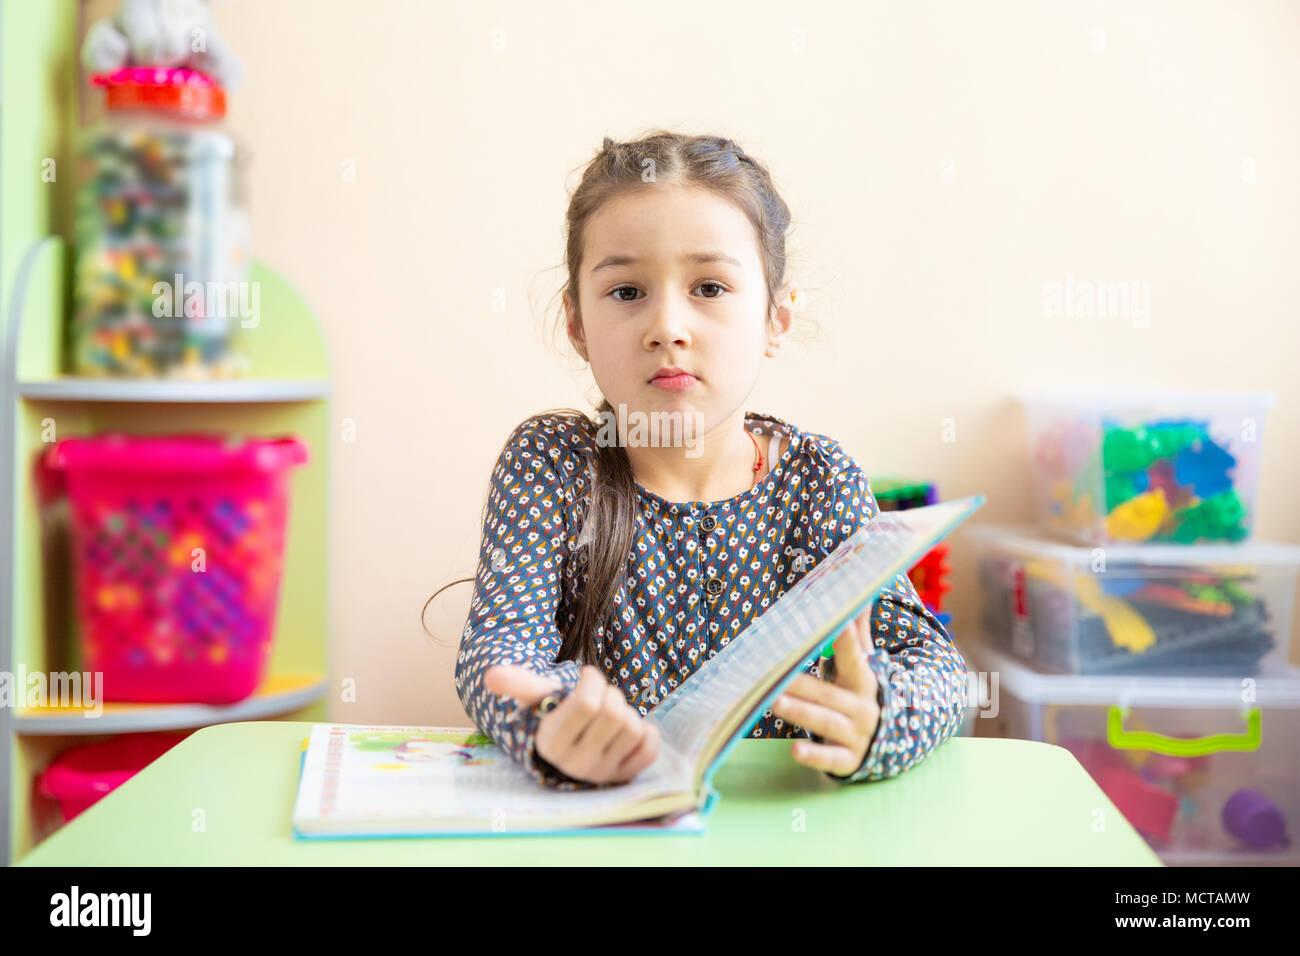 Süße kleine Mädchen Hausaufgaben machen, ein Buch lesen, Malvorlagen, Schreiben und Malen. Kinder malen. Kinder ziehen. Vorschüler mit Bücher zu Hause. Vorschüler lernen, zu schreiben und zu lesen. Creative Toddler Stockbild